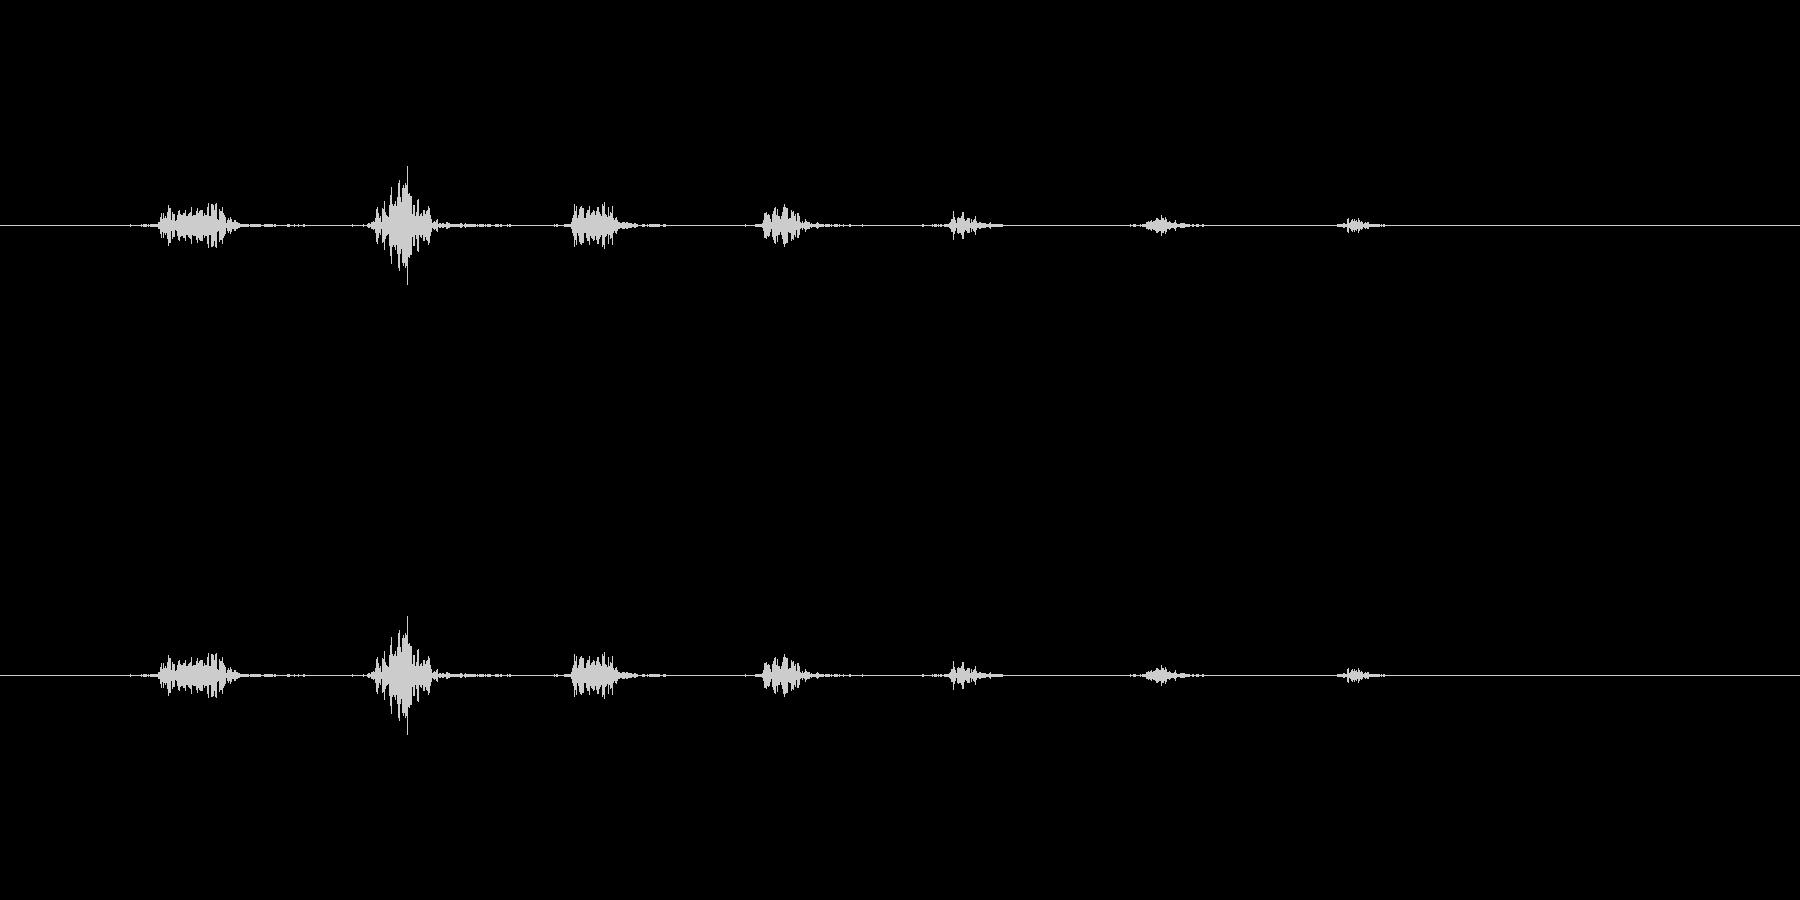 ハッハッハ(悪の黒幕)の未再生の波形